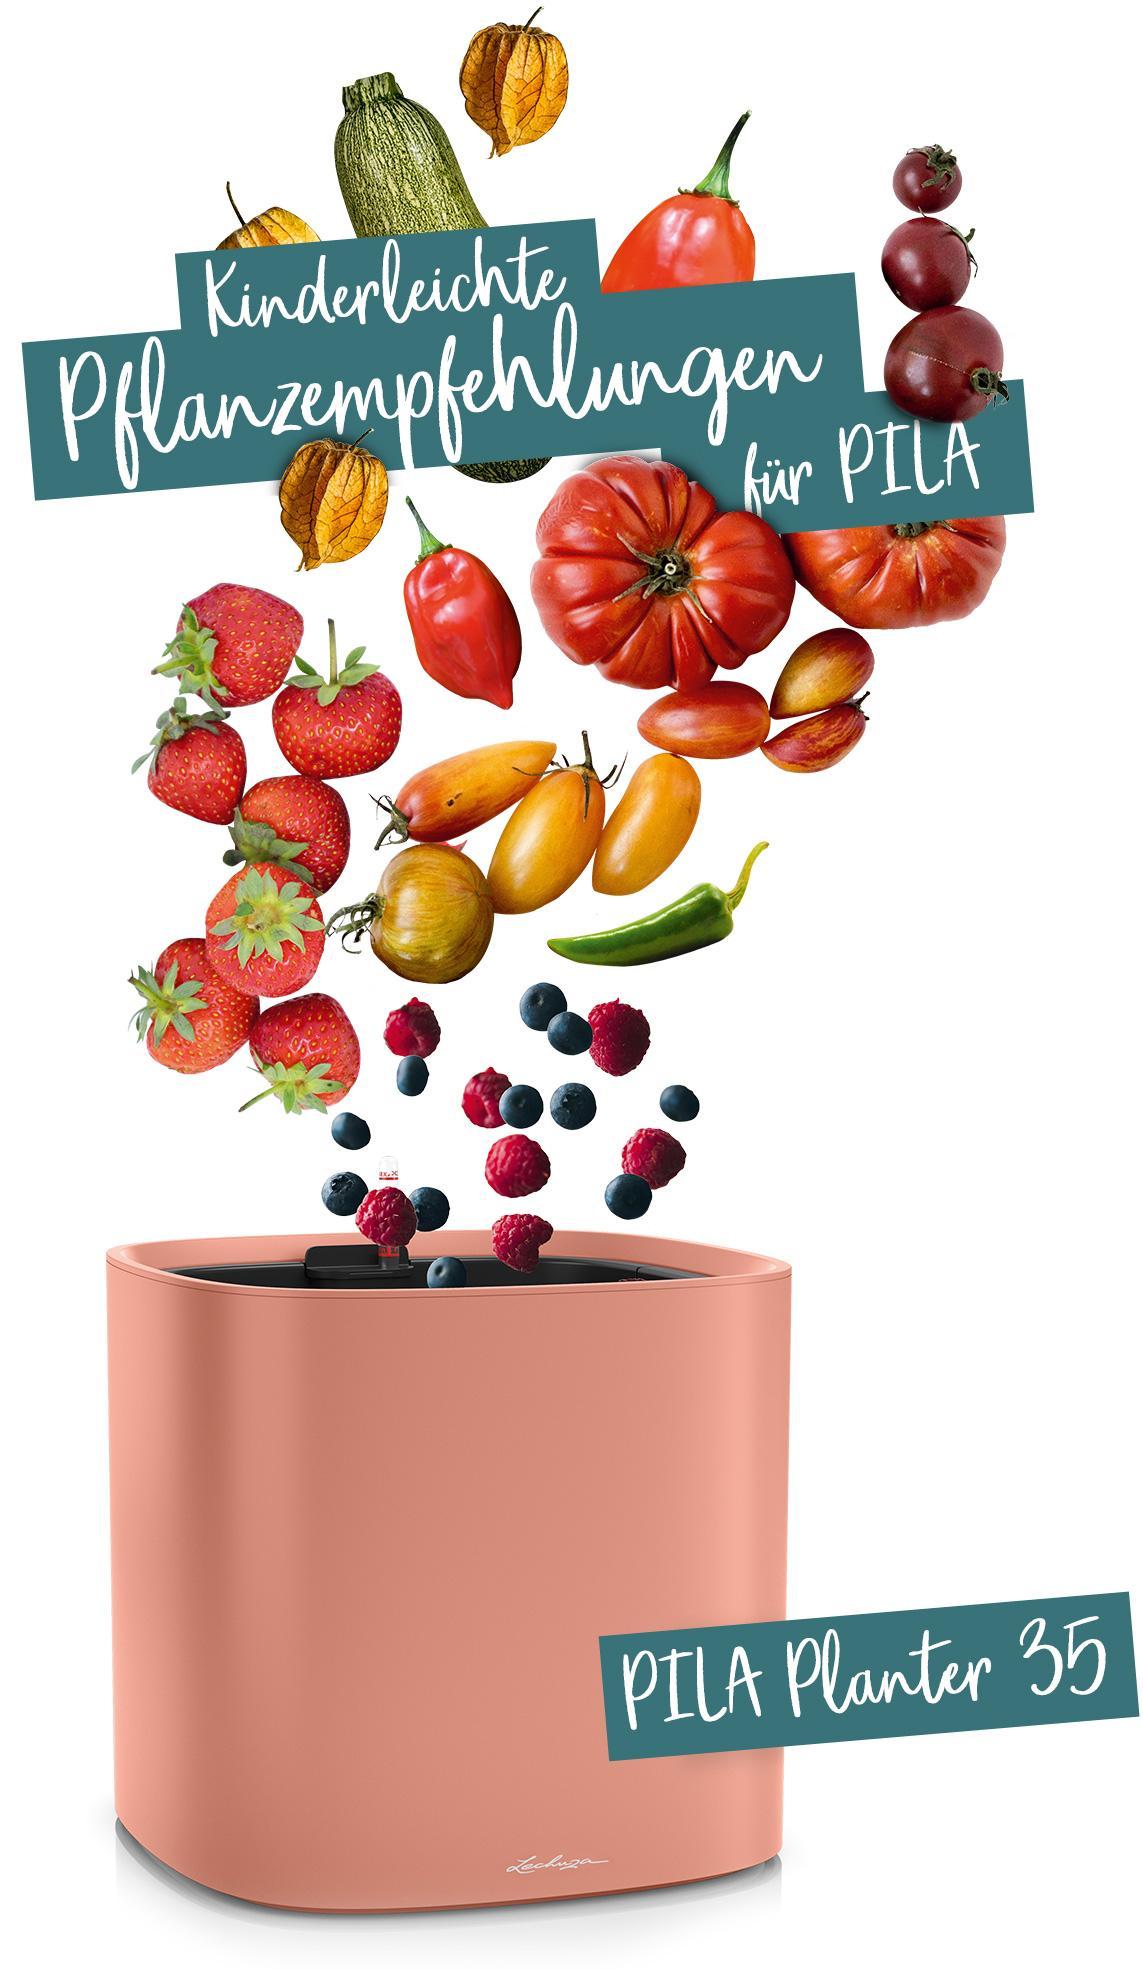 PILA Planter 35 empfohlen für Obst und Gemüse